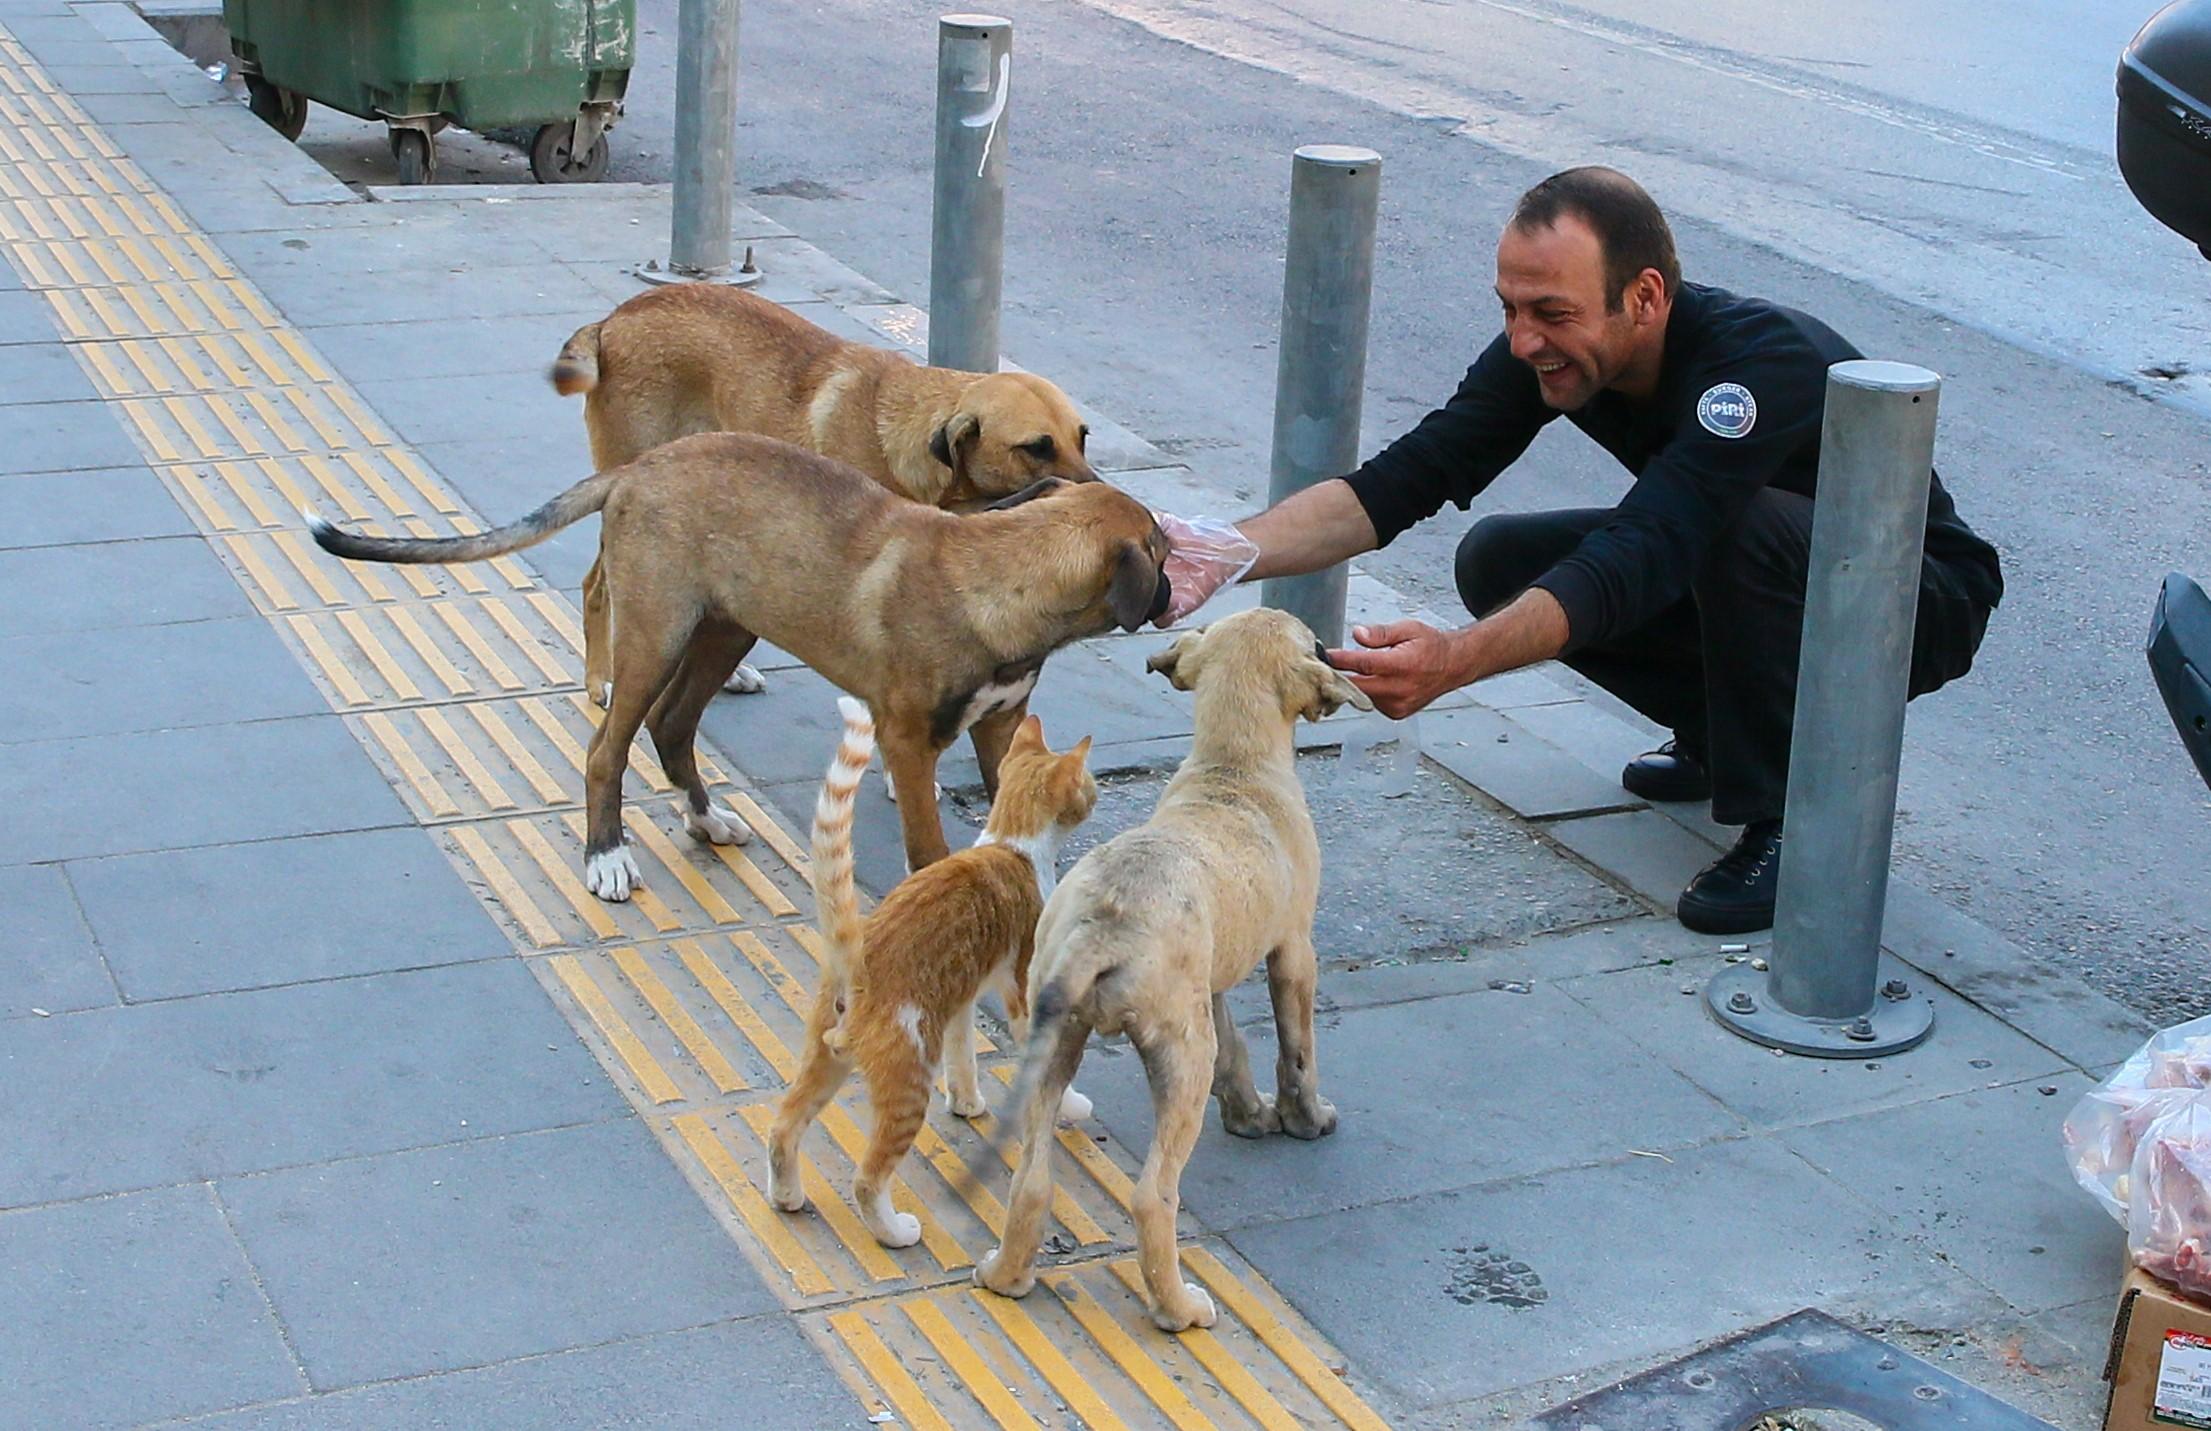 流浪猫狗指的是生活在城市街道或户外的无主猫狗,主要依靠城市资源(厨余垃圾、老鼠或人为投喂)生存,与人类息息相关。-图摘自网络-